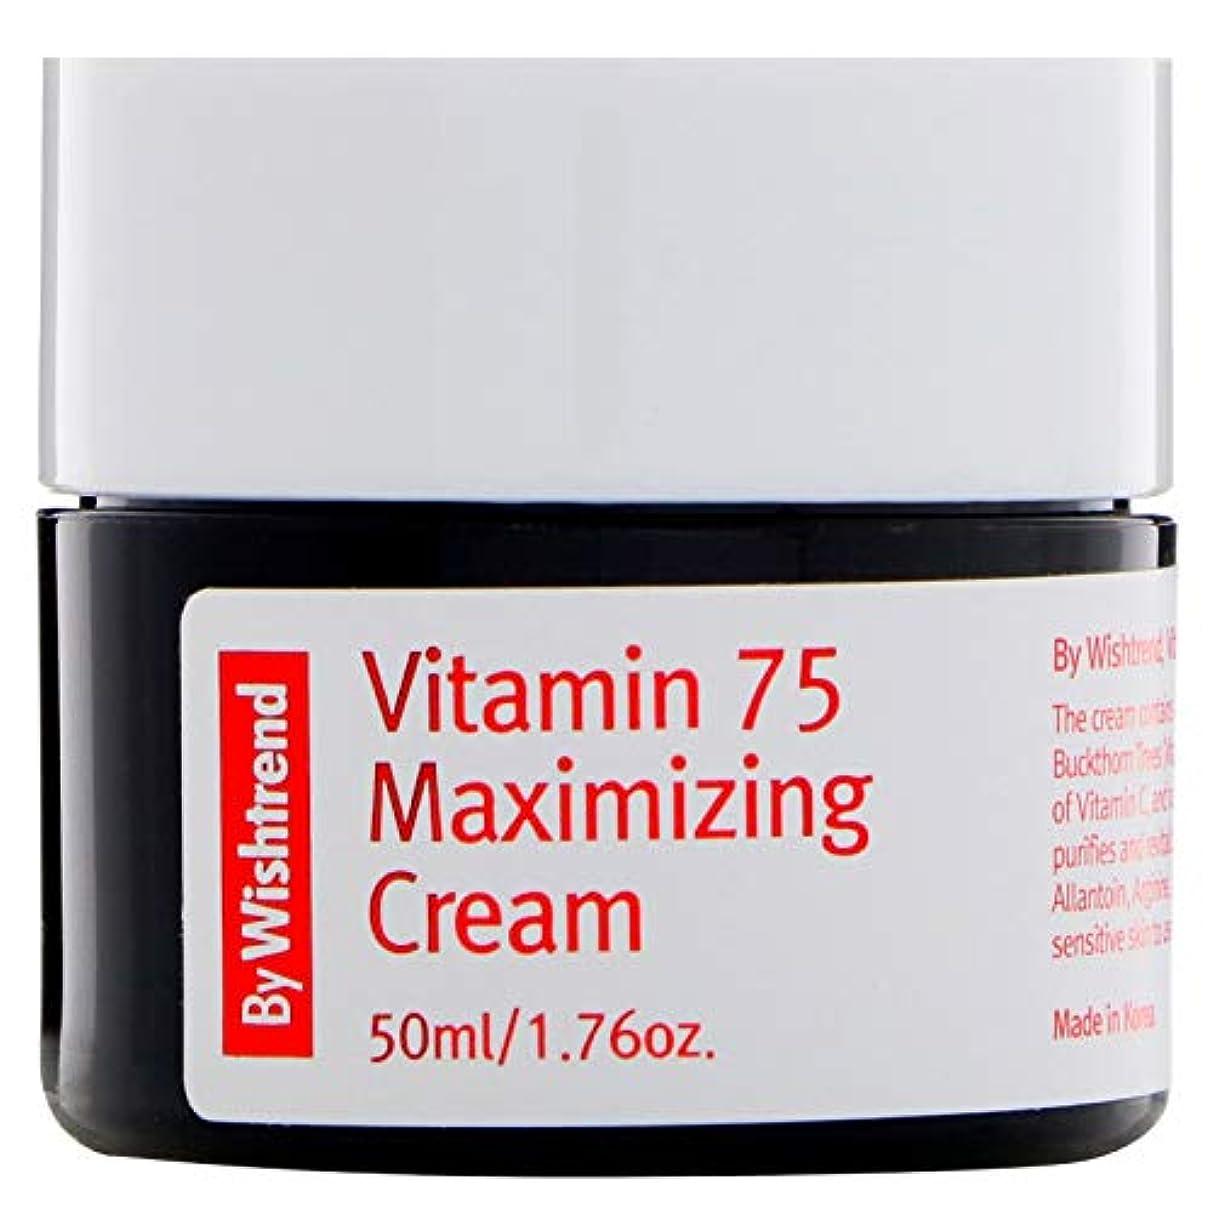 銛不信編集者[BY WISHTREND]ビタミン75 マキシマイジング クリーム, Vitamin 75 Maximizing Cream [並行輸入品]